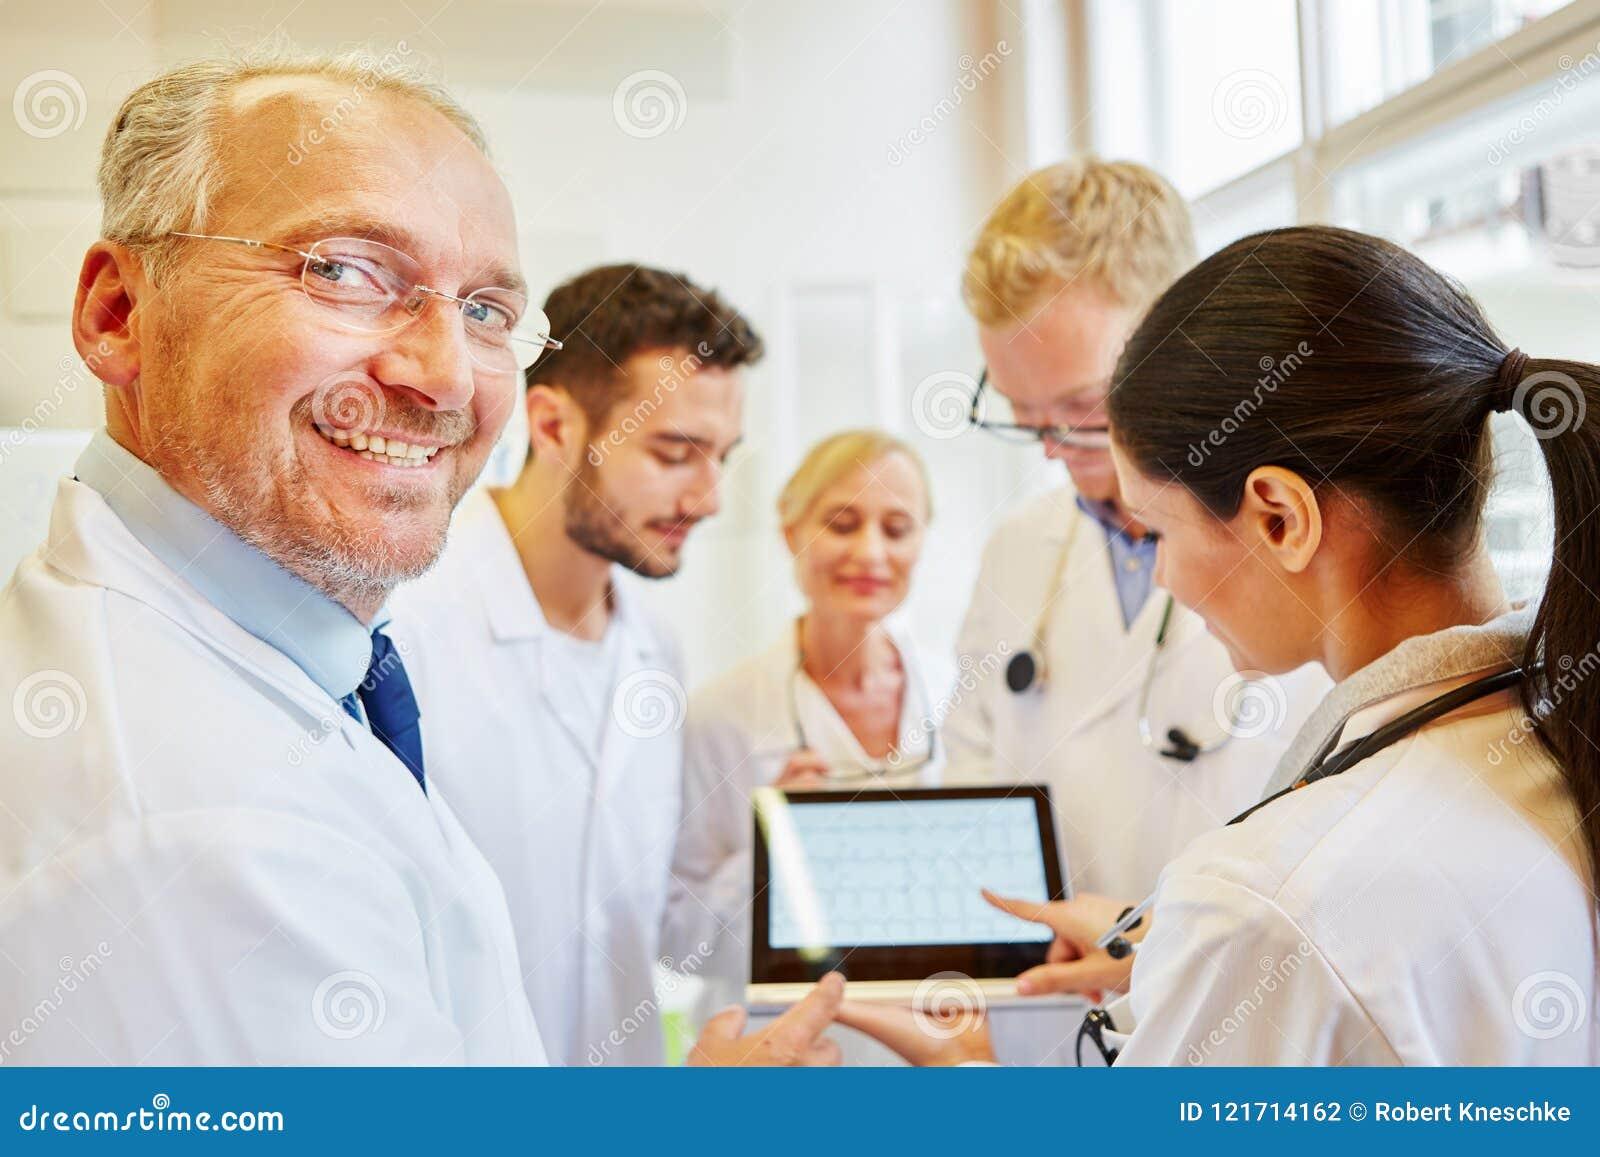 Team von Doktoren, die Diagnose vorbereiten